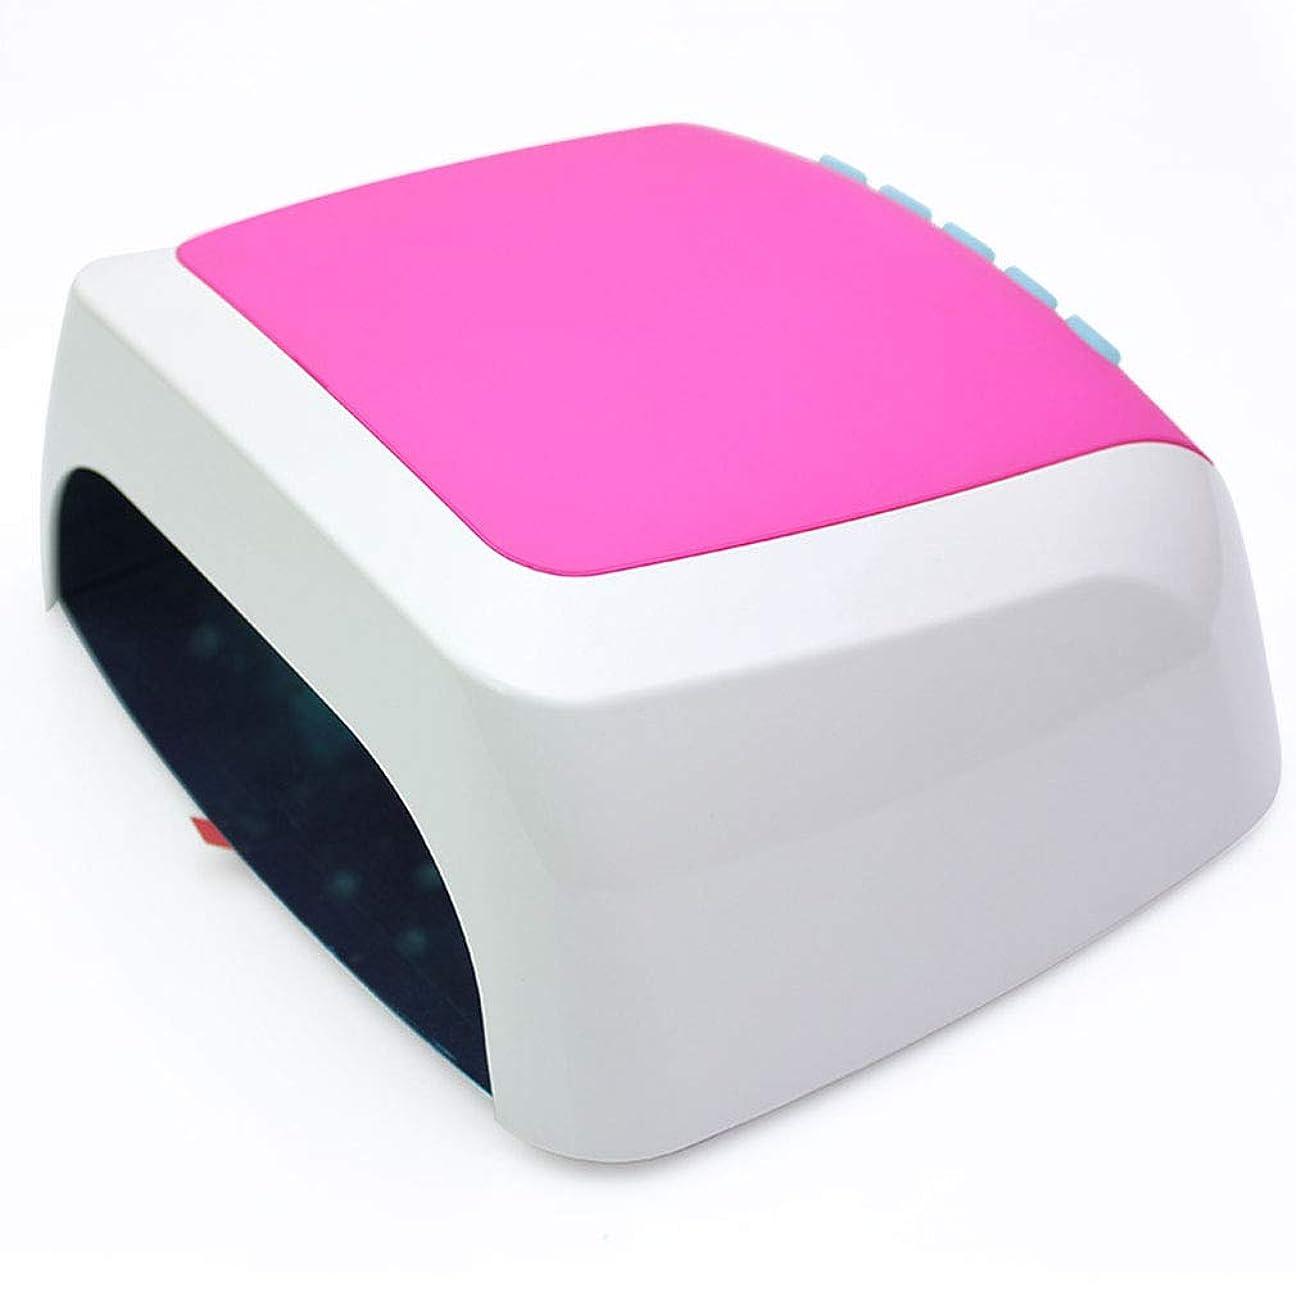 シンボルまた円形インテリジェントランプ機能付きジェルネイルポリッシュシェラックのための48W UV LEDランプネイルドライヤー、オープンデザイン、5ファイルの時間設定と(ピンク)